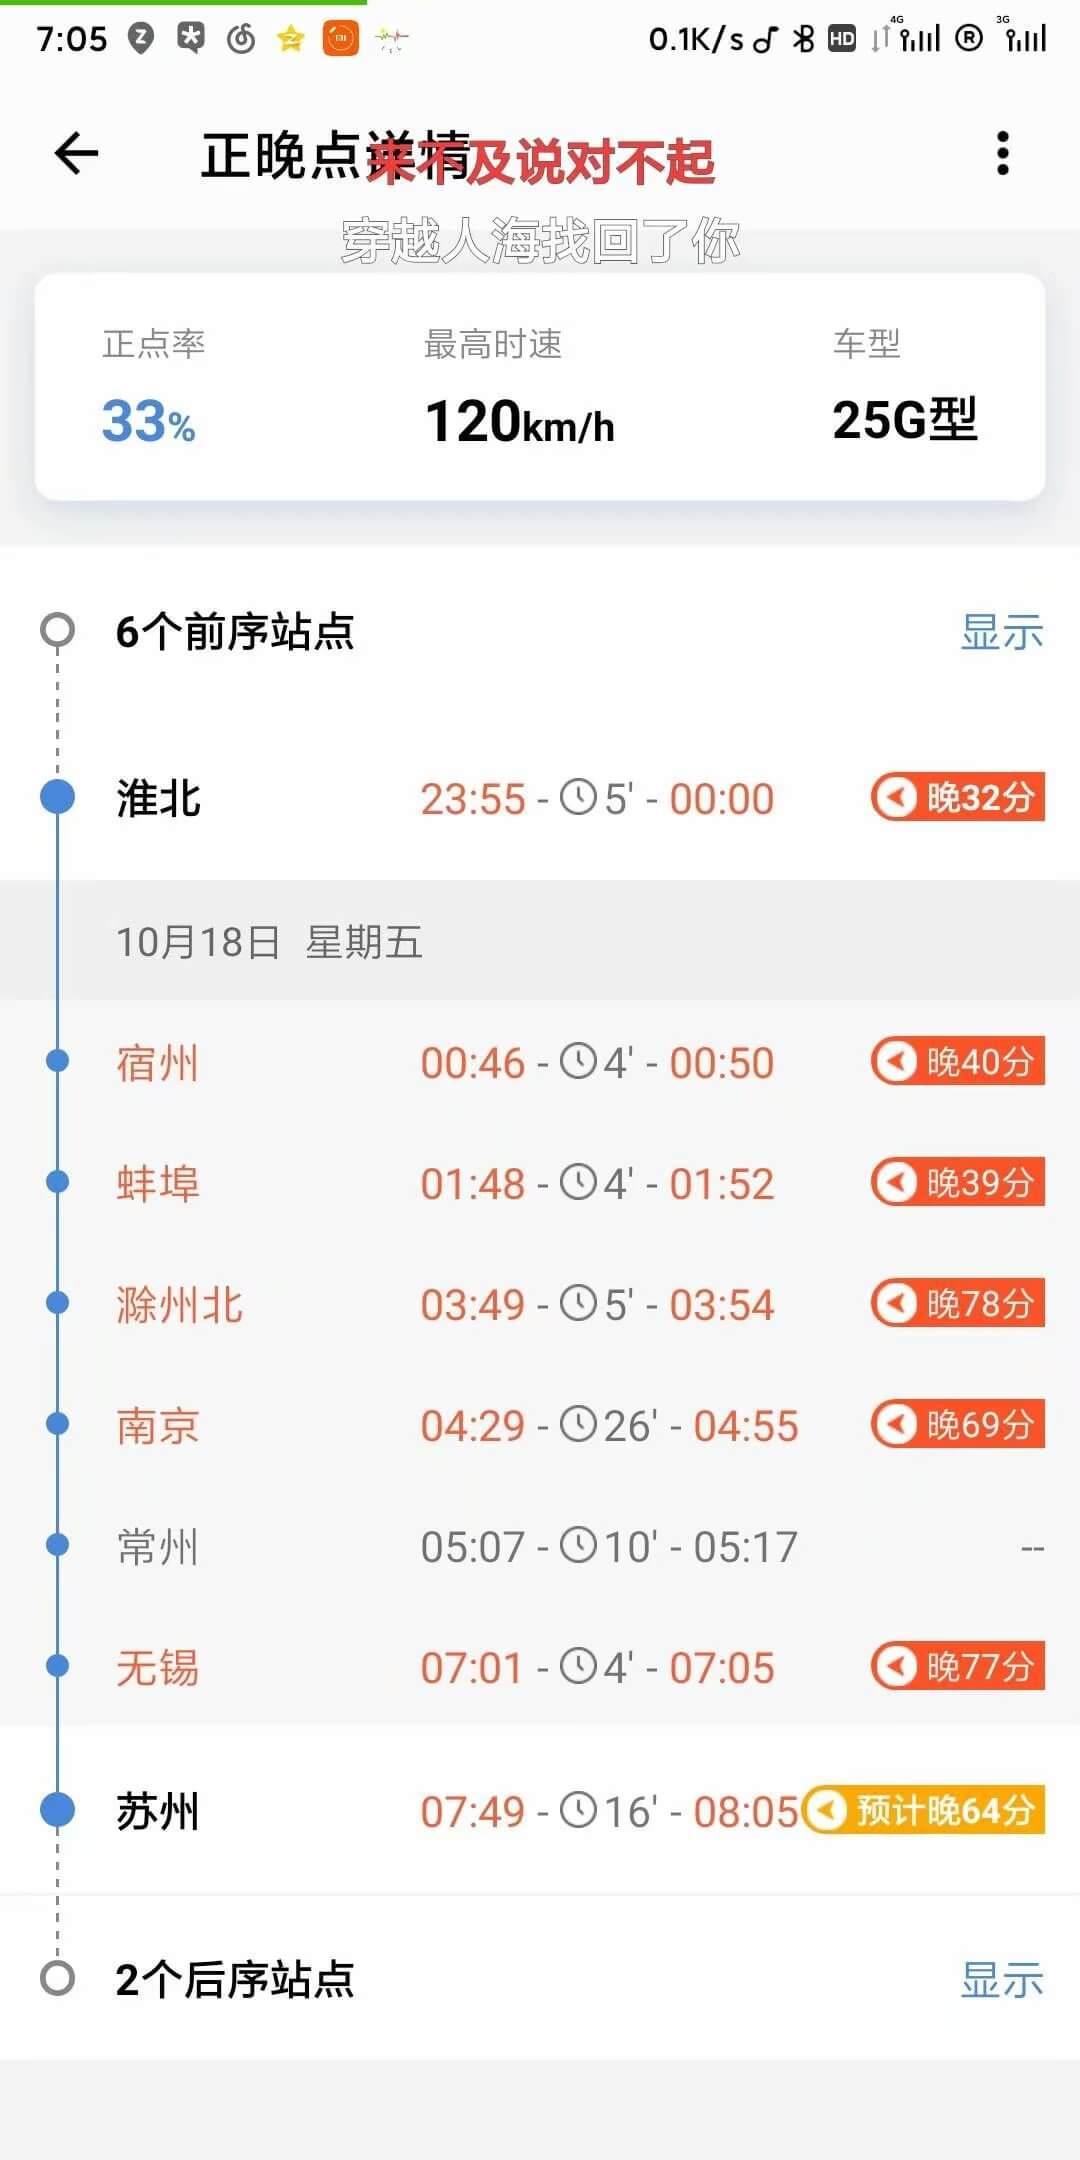 火车正晚点数据